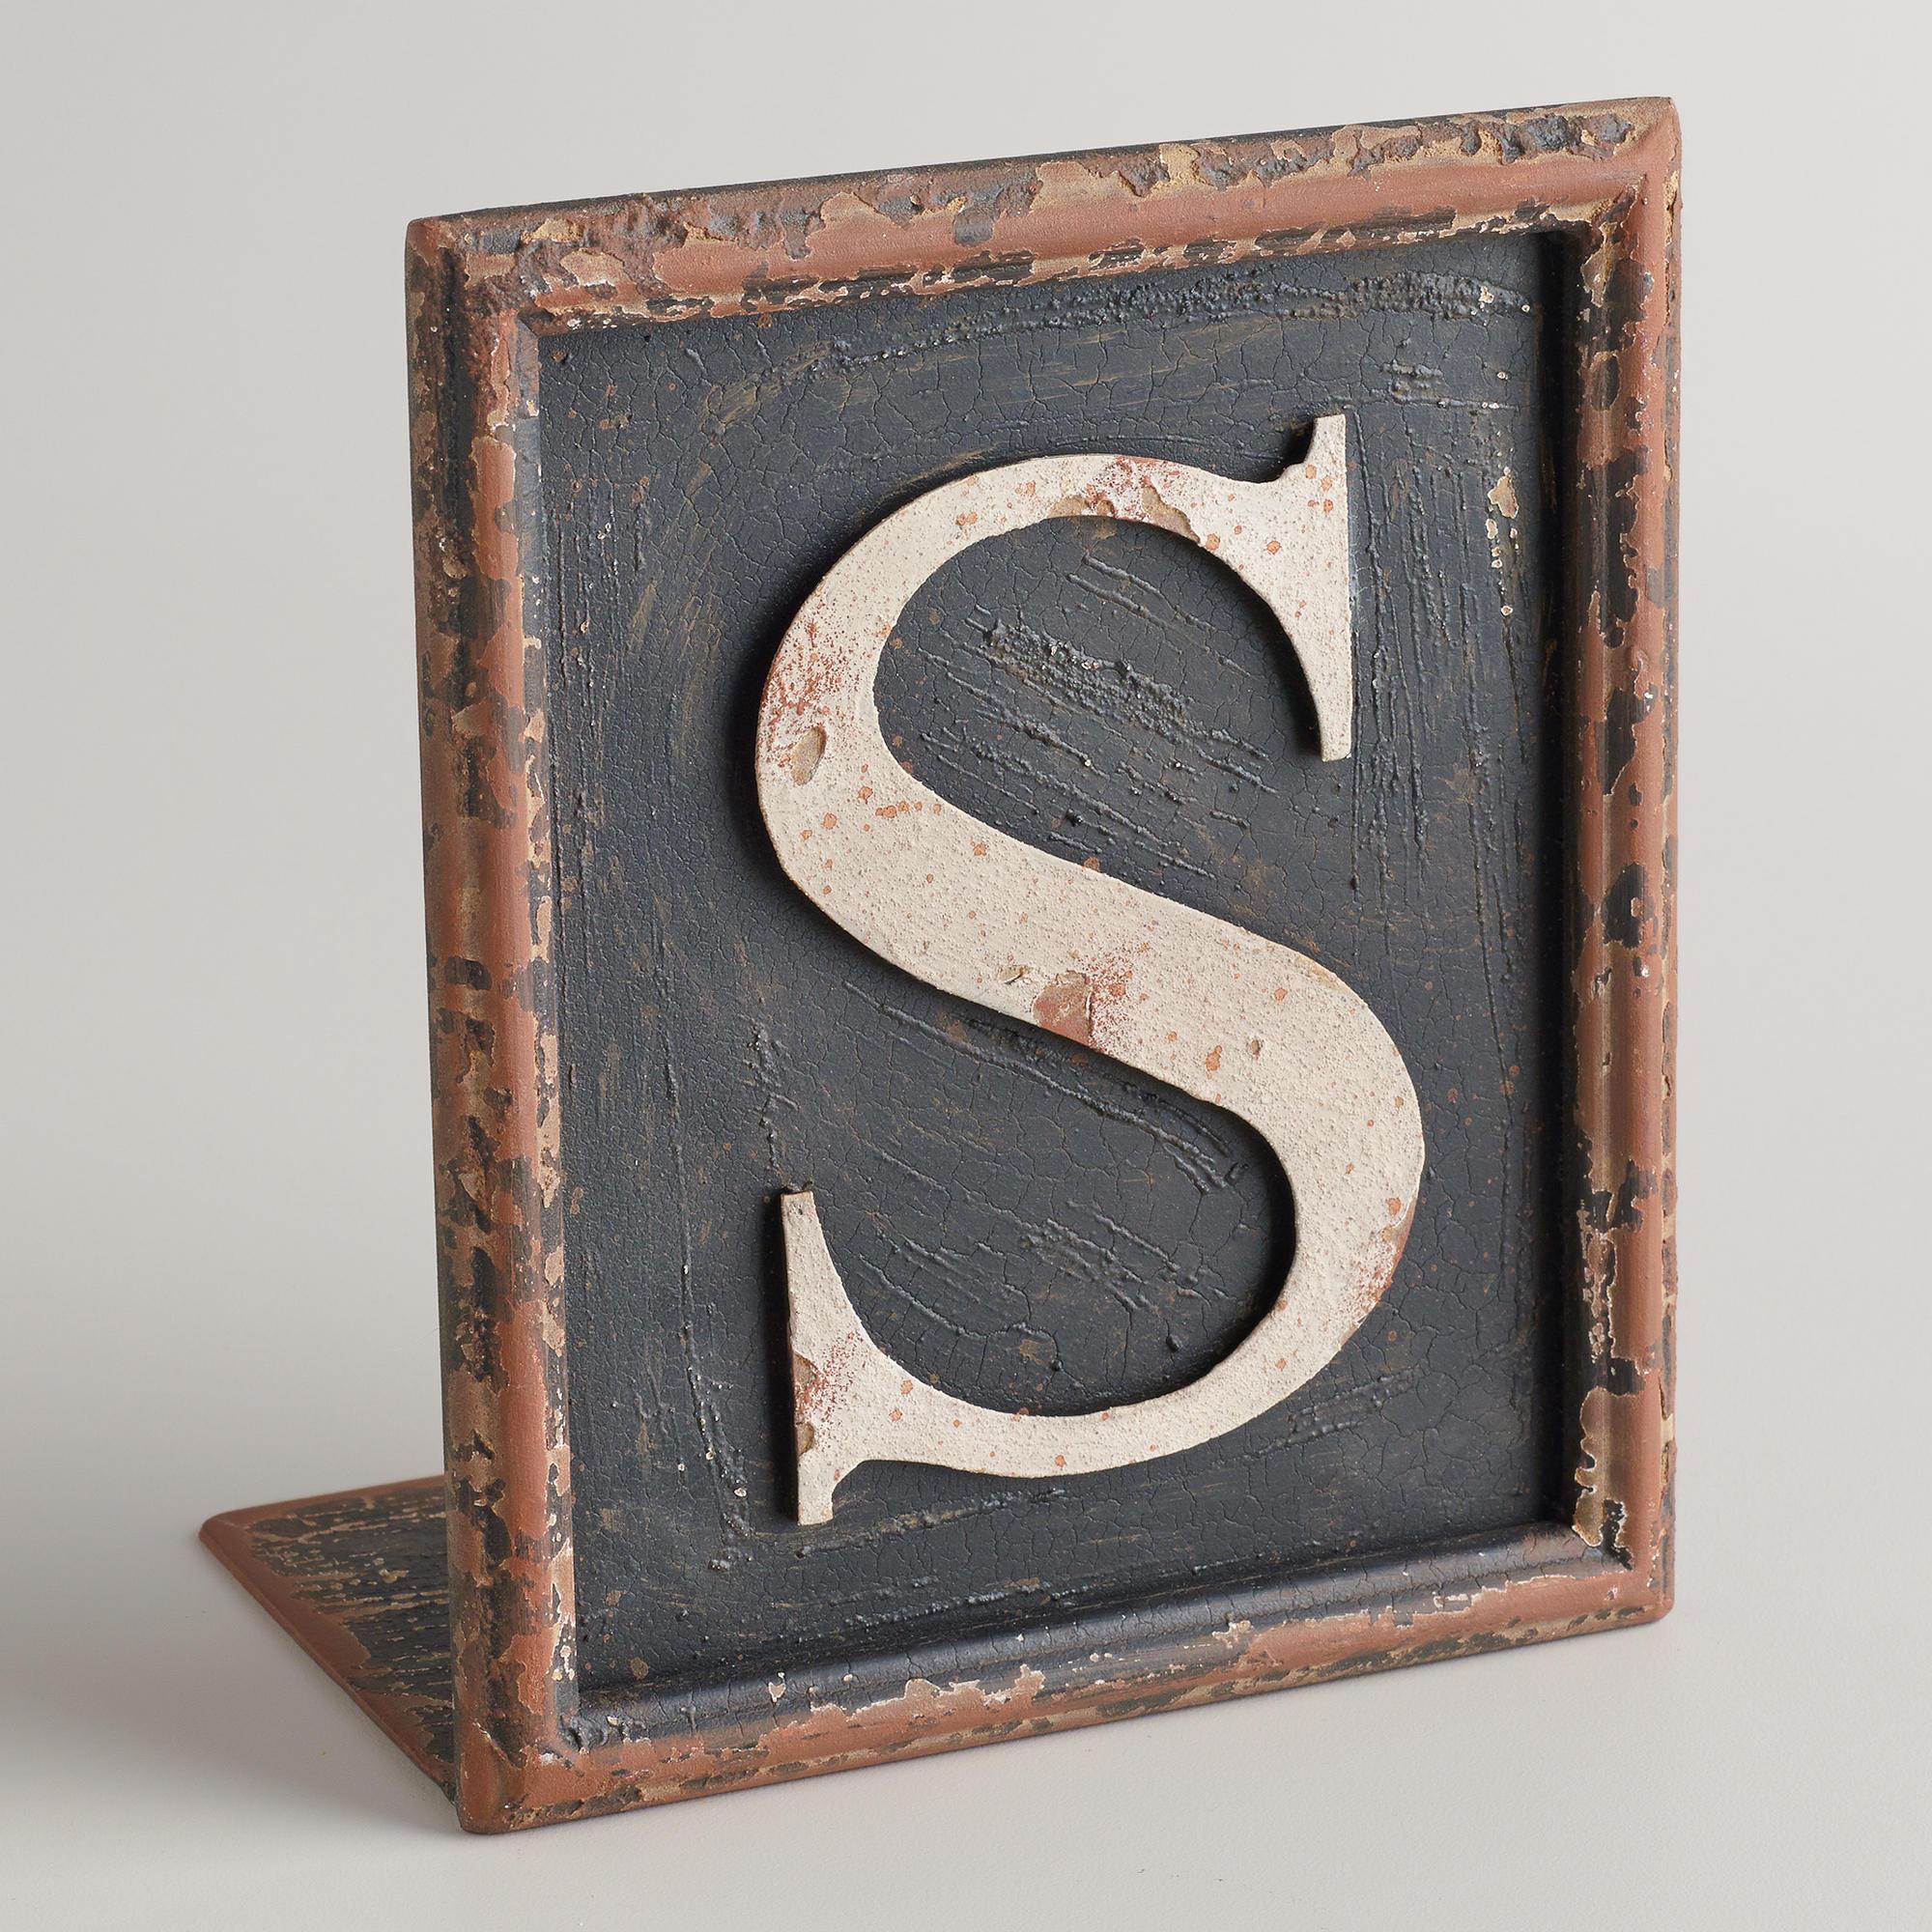 بالصور صور حرف s , تصميم واكسسوارات ولا اروع لحرف الاس 1881 11